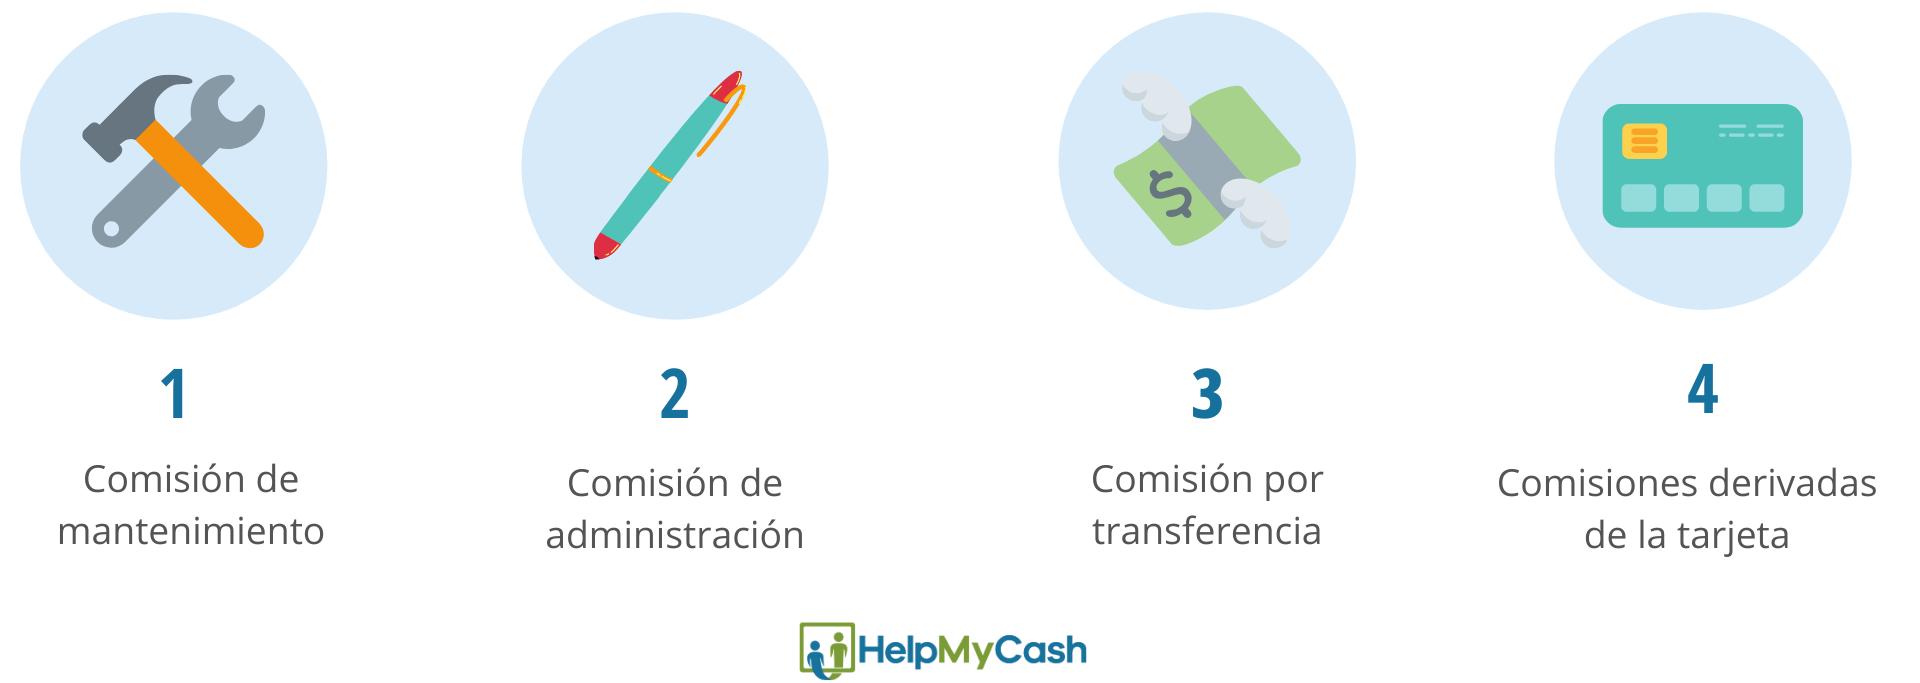 Bancos sin comisiones de: 1- comisión de mantenimiento. 2-comisión de administración. 3- comisión por transferencia- 4. sin comisiones derivadas de la tarjeta